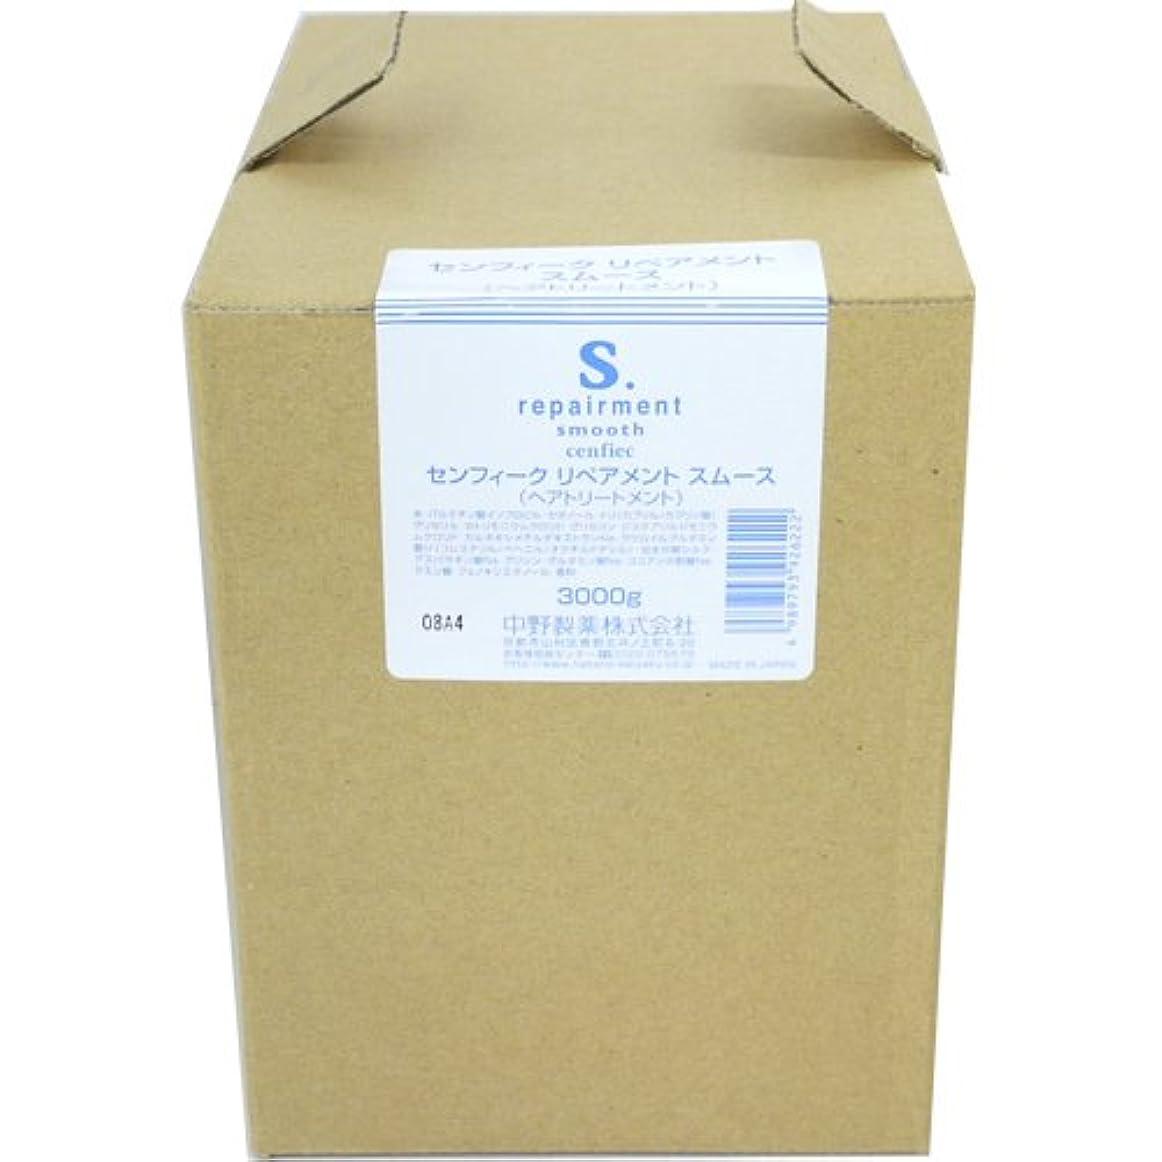 運賃調停する不従順ナカノ センフィーク リペアメント スムース 詰め替え用 3000g(1500g×2)